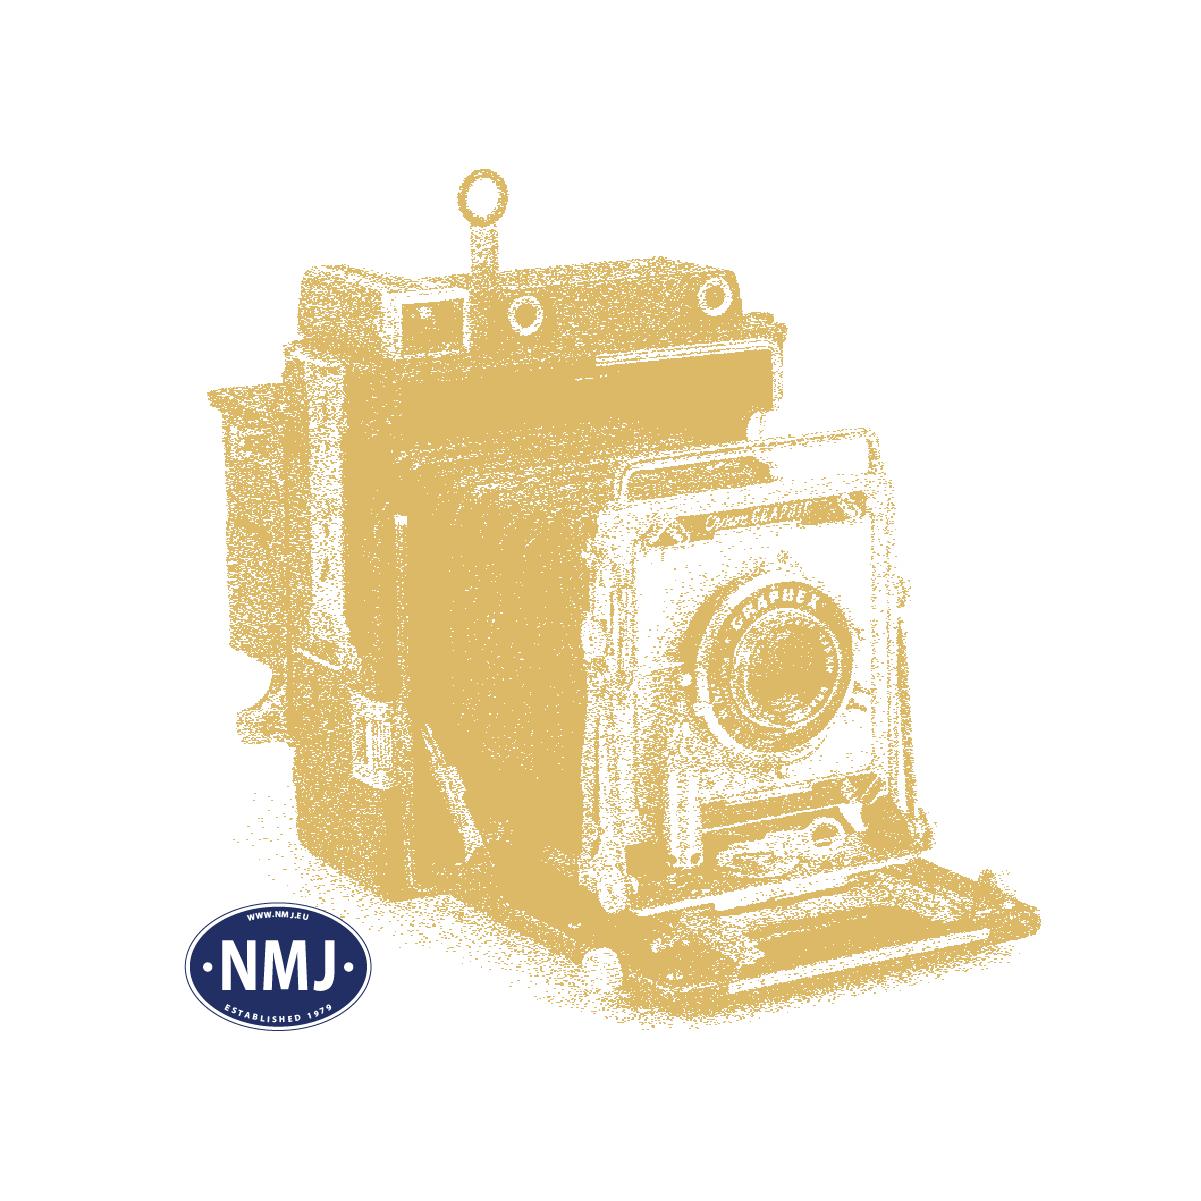 NMJT503.112 - NMJ Topline NSB Lukket Godsvogn G4 41169